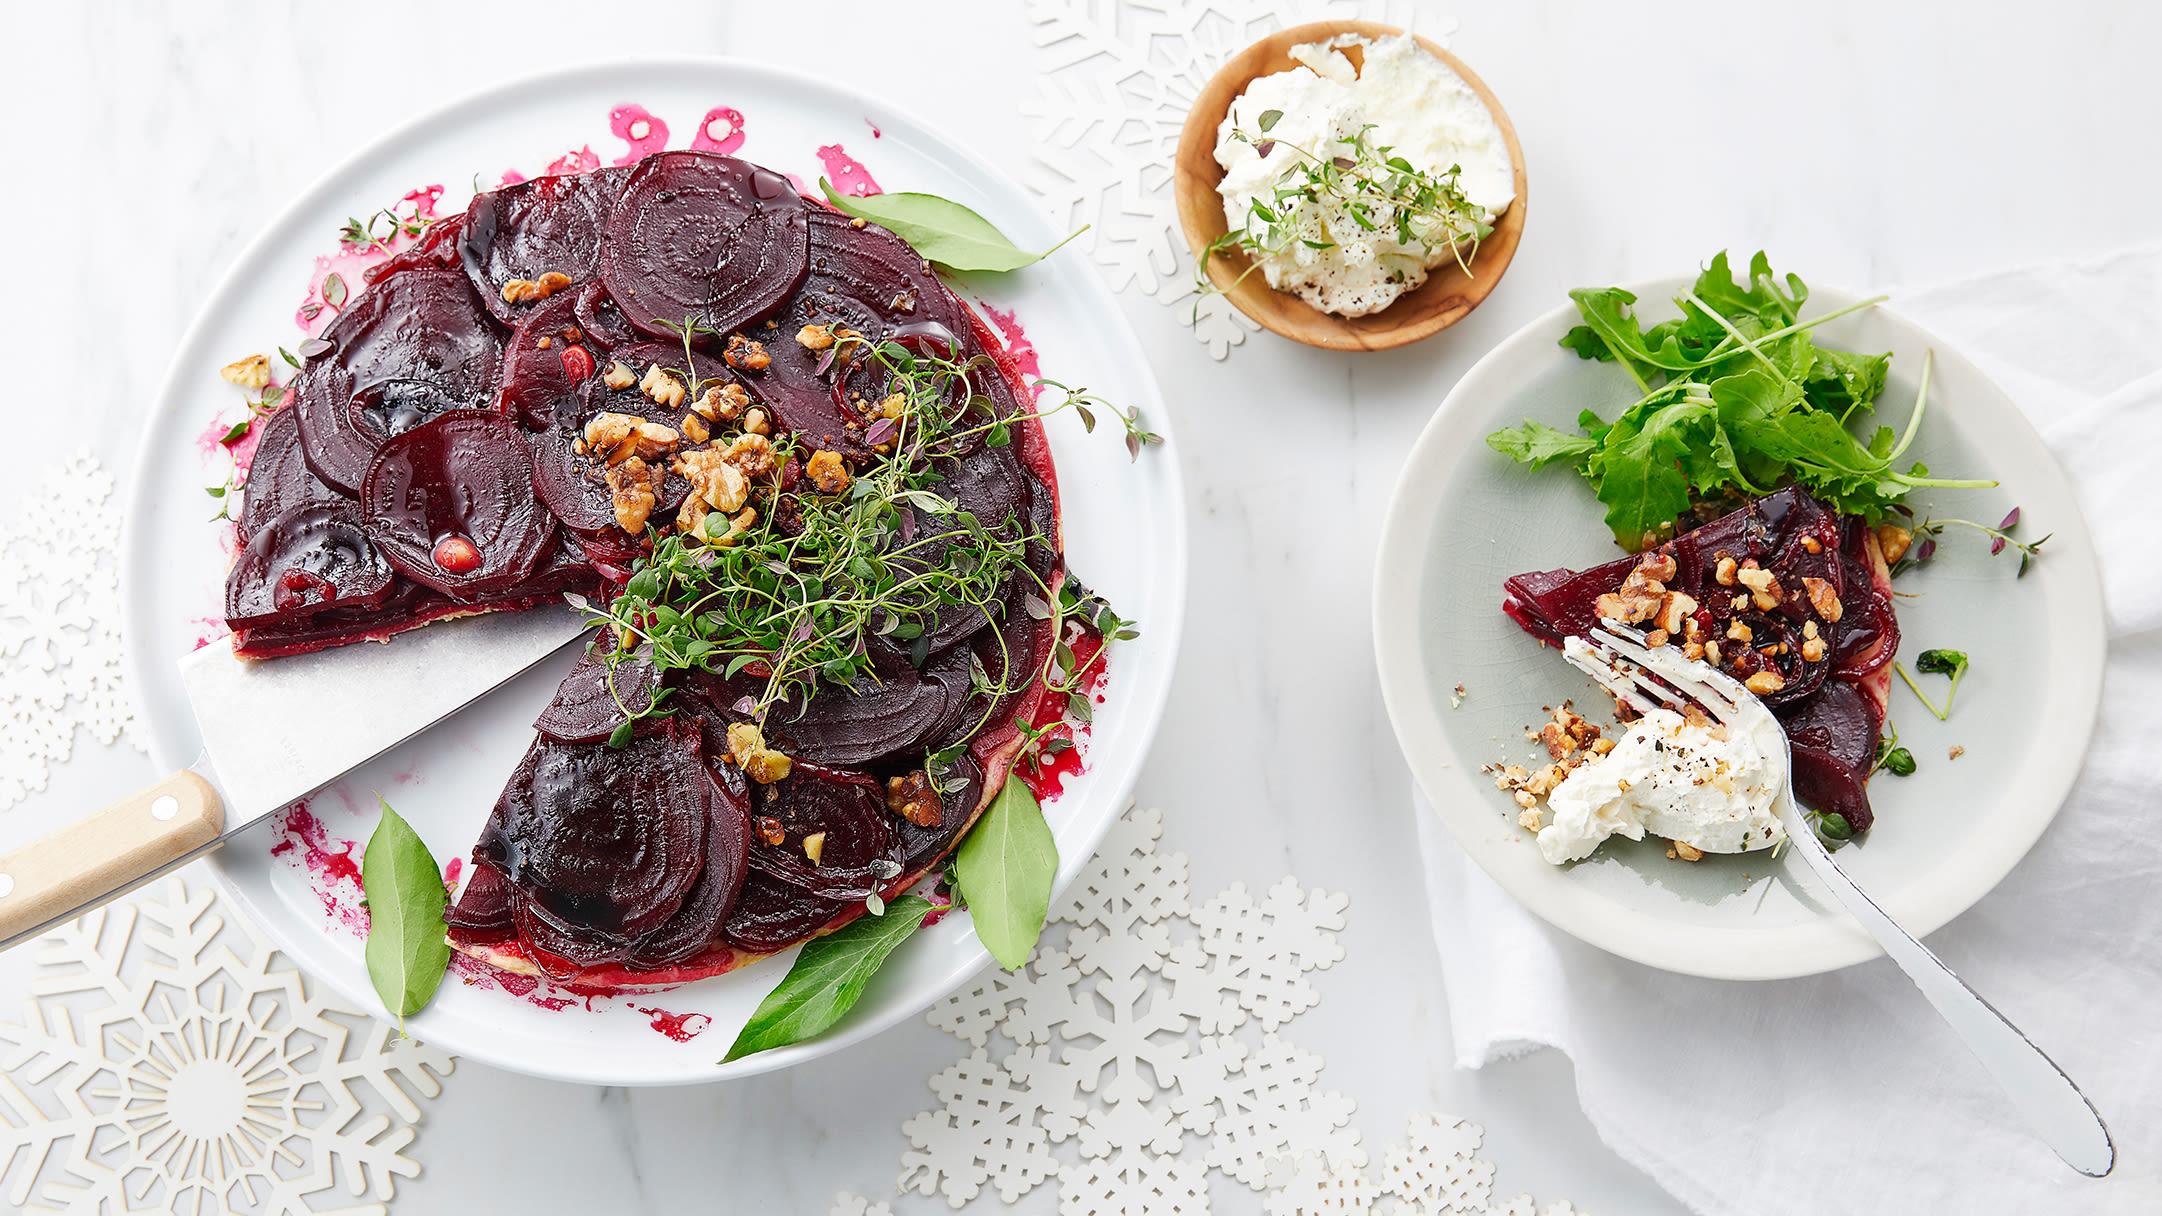 Rødbetpai Tarte Tartine med chevrekrem og valnøtter